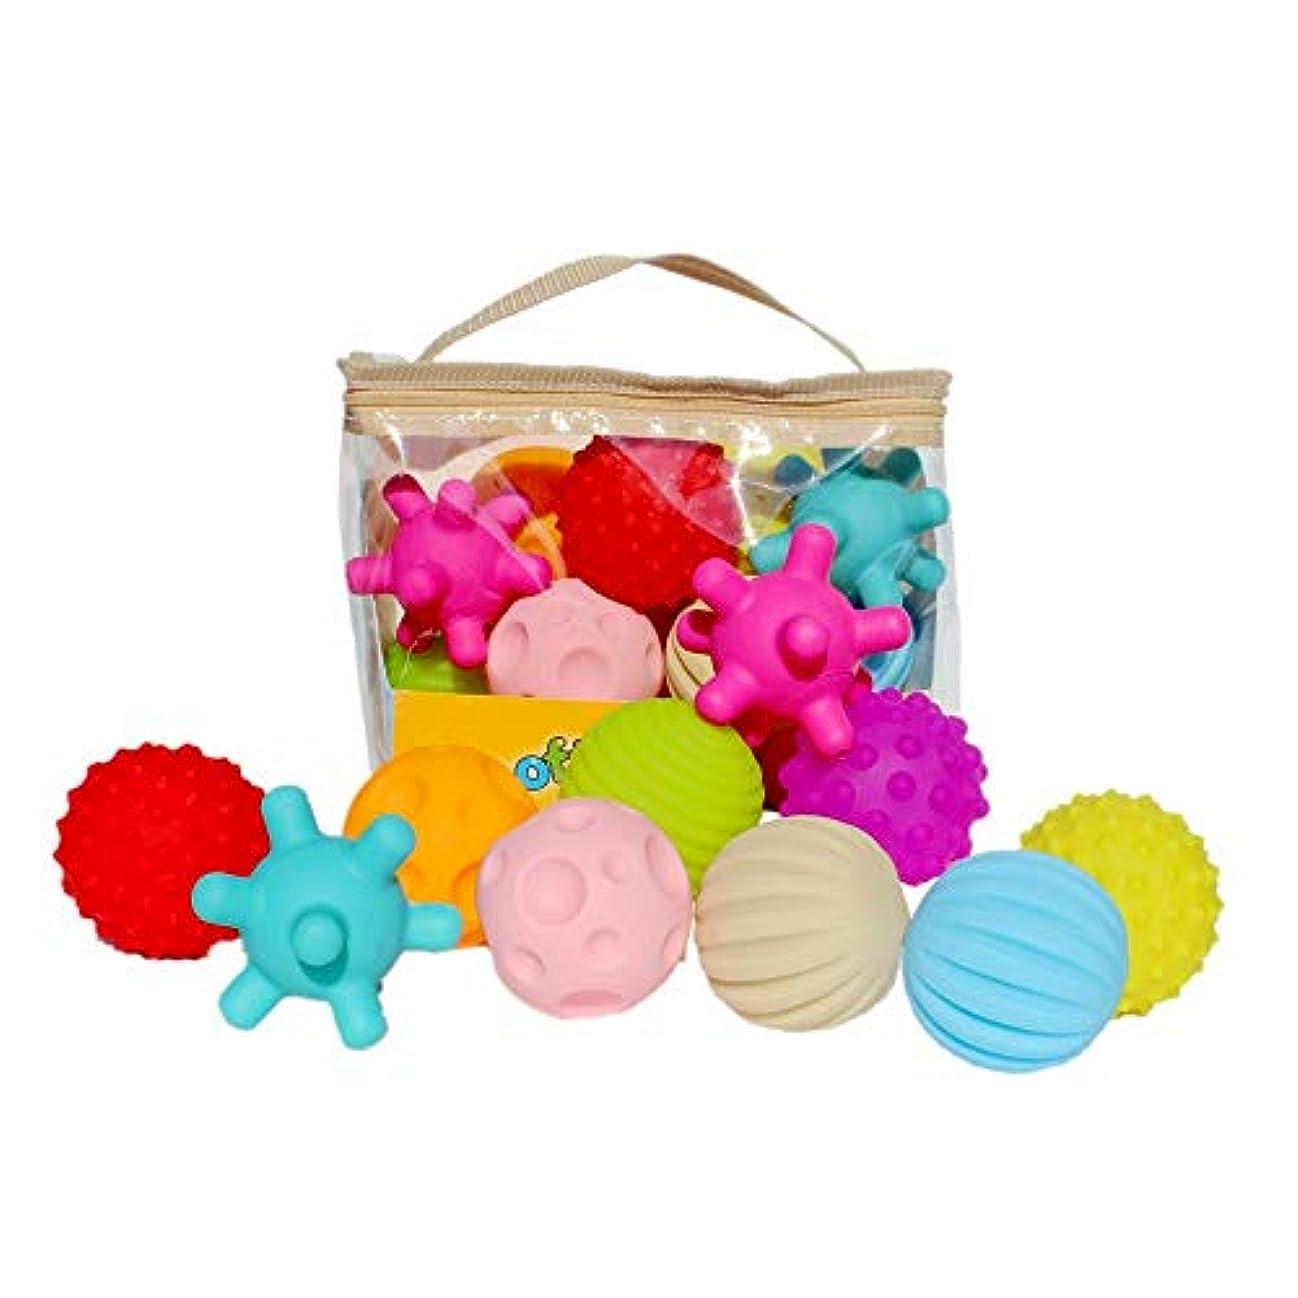 サイズ記念碑僕の赤ちゃんのおもちゃ テクスチャマルチボールセットボールマッサージボールフィットネスソフトボール玩具セット10個入りを登ることを学びます 教育玩具の赤ちゃん (色 : Multi-colored, Size : One size)